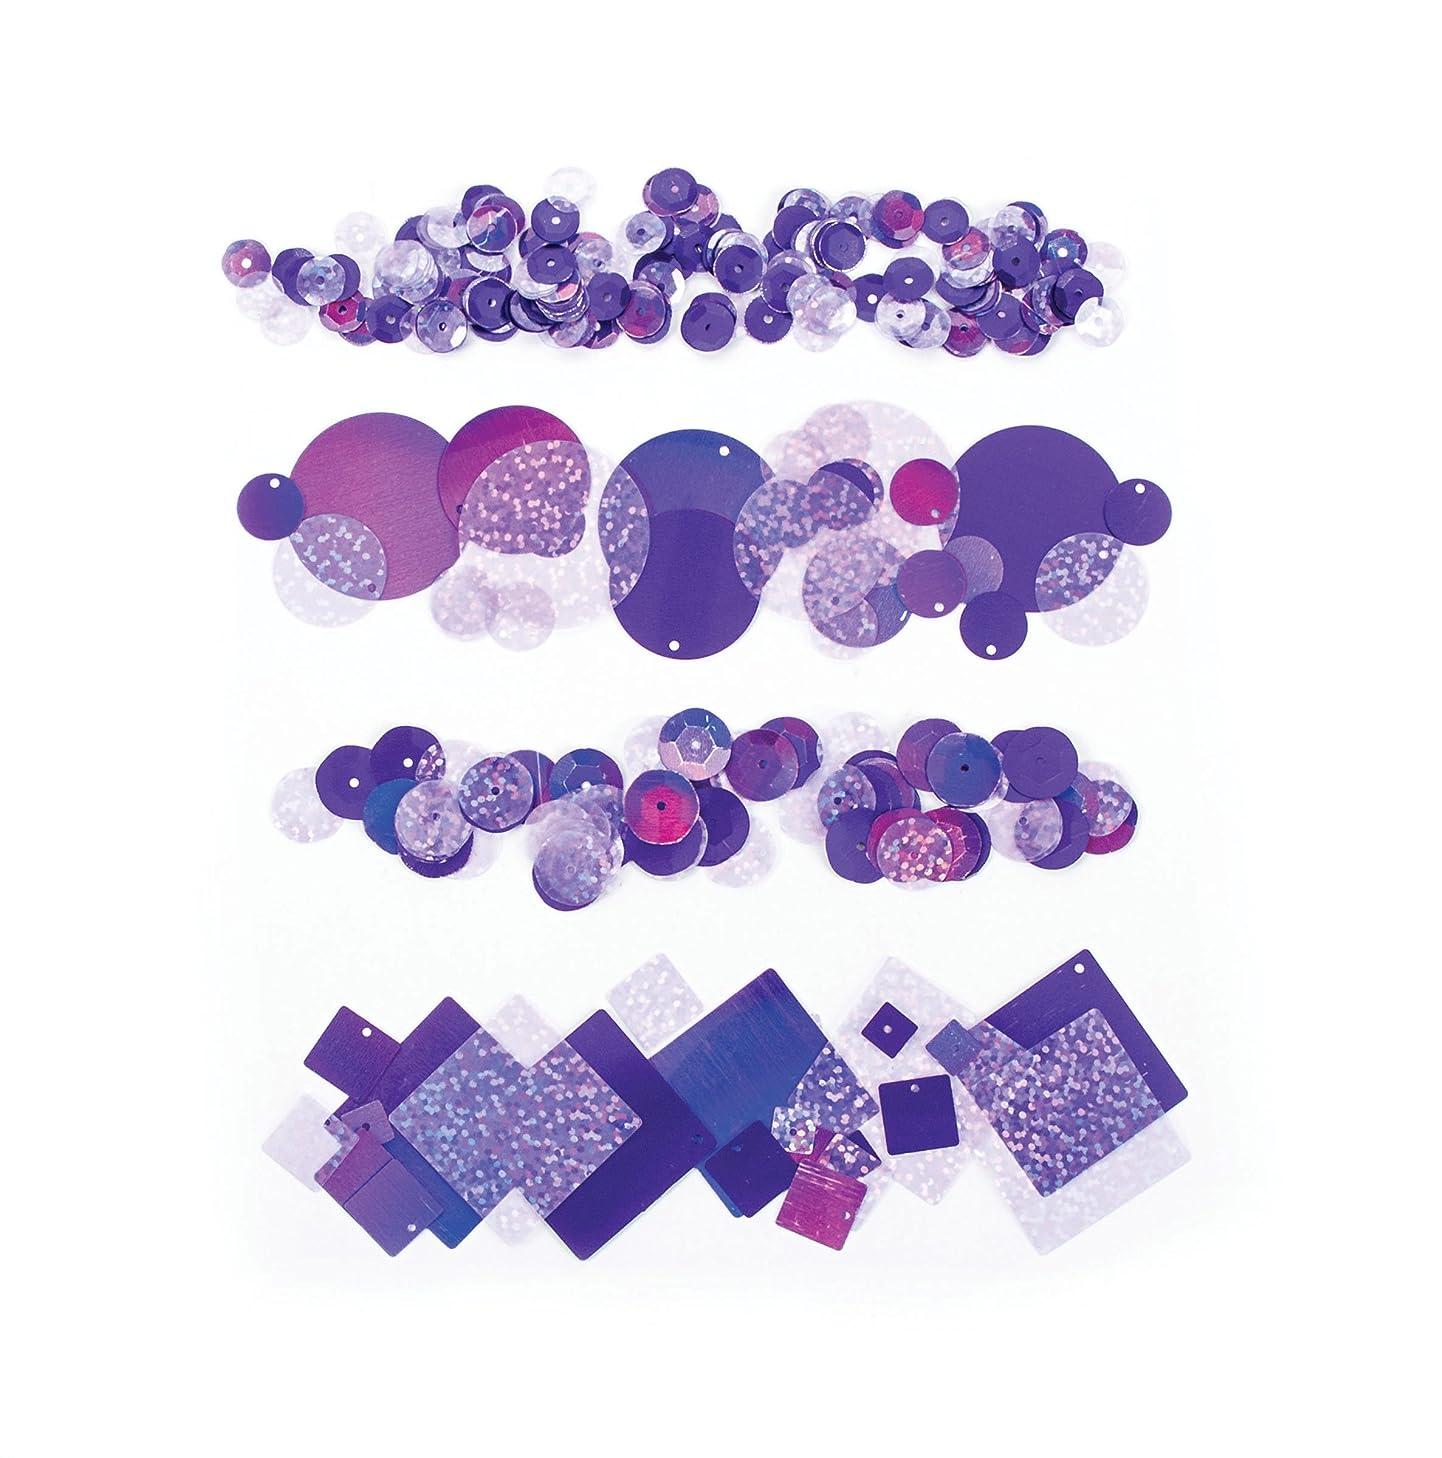 Darice SEQ127D Sequin Pack, Purple